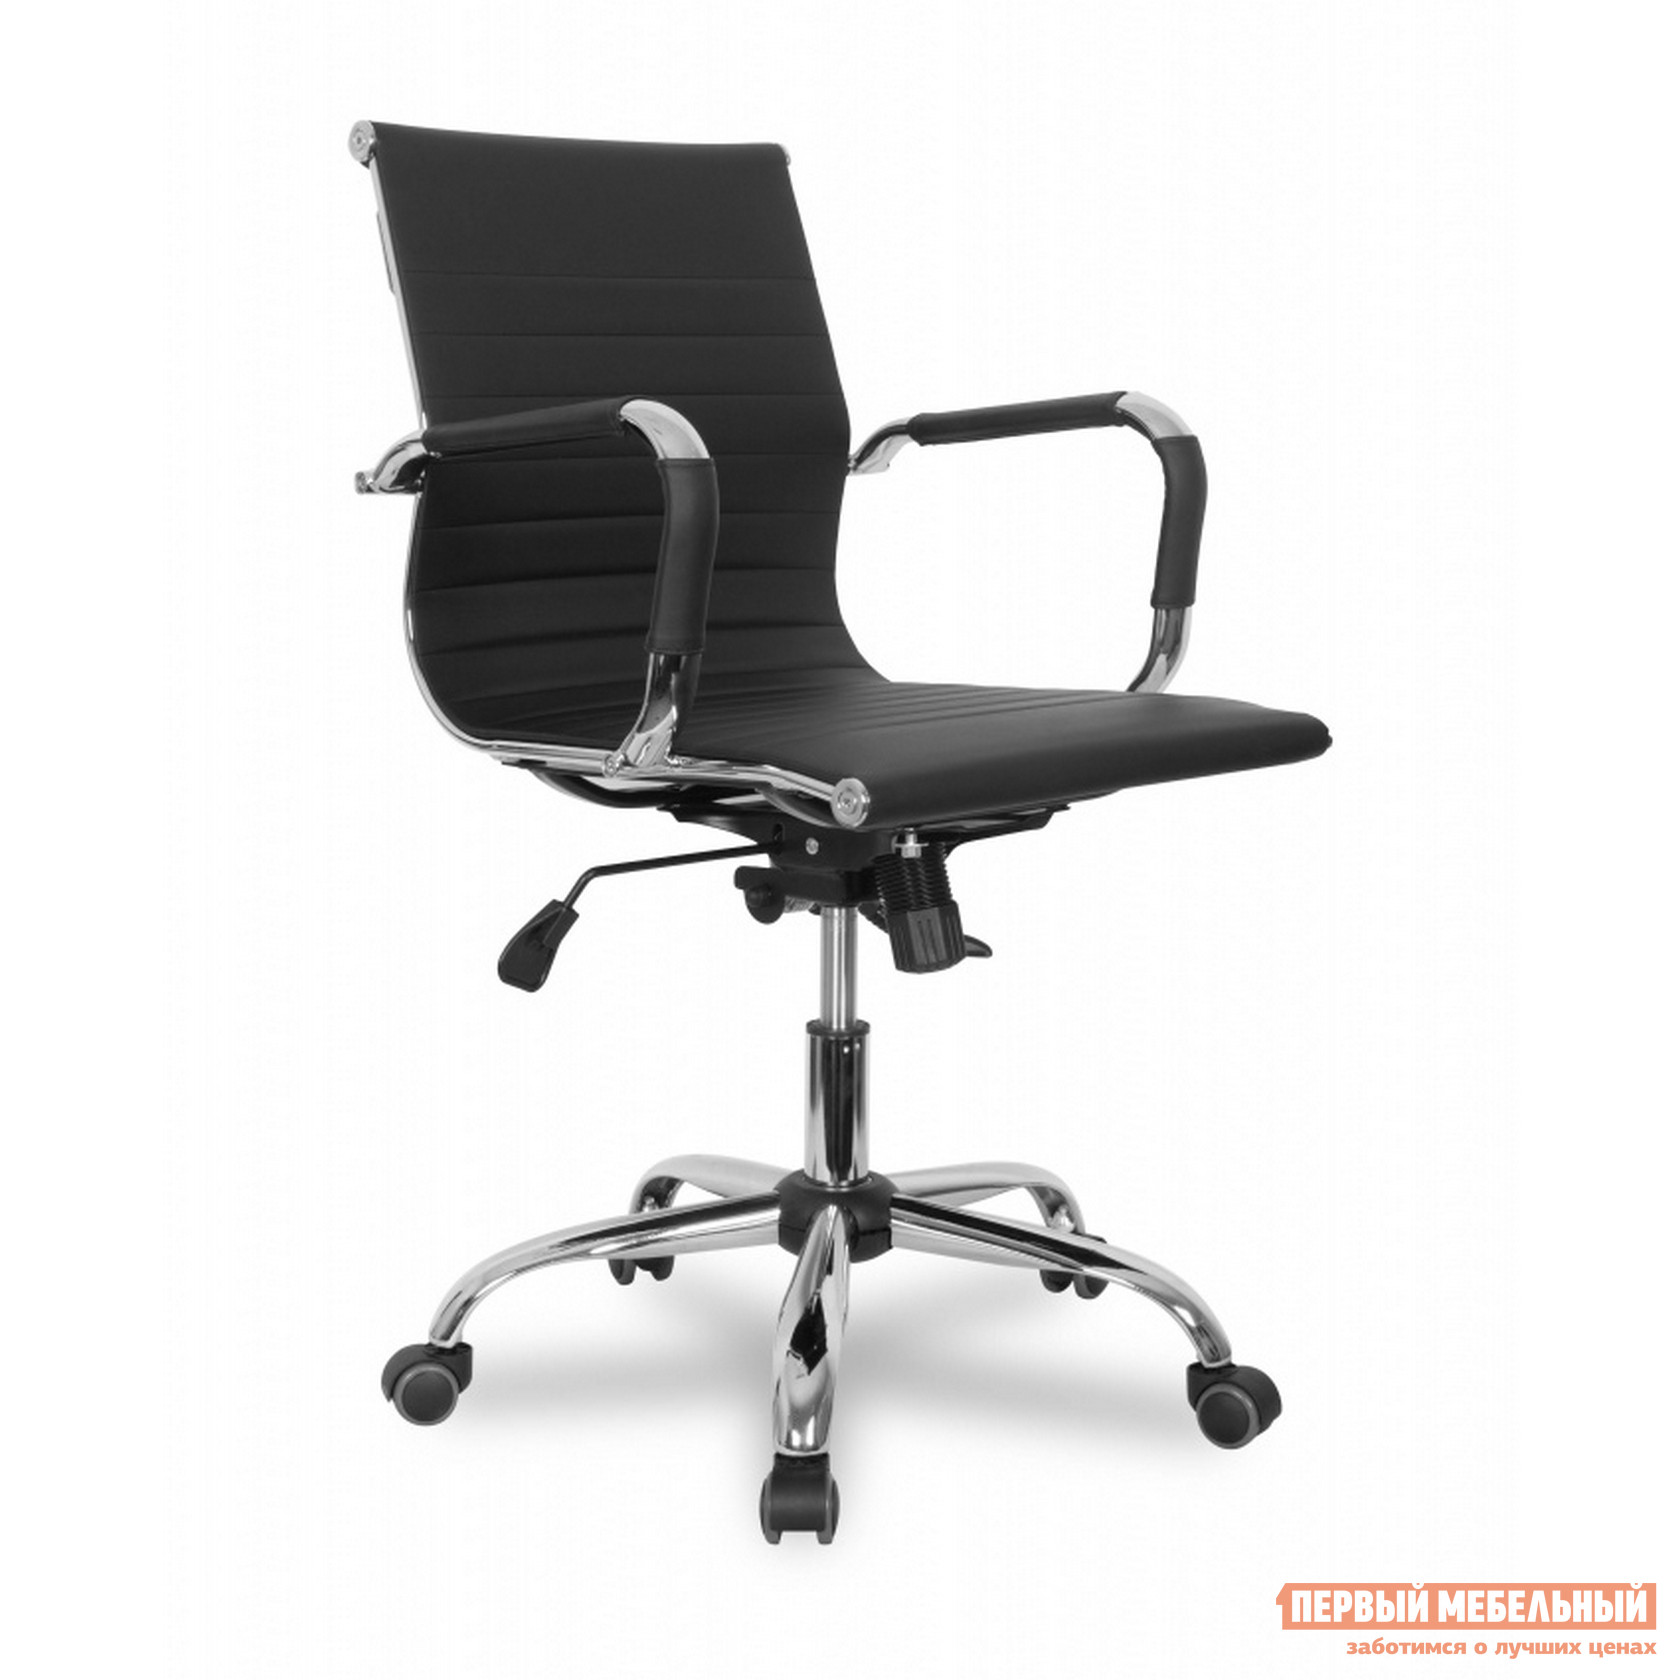 Офисное кресло College Кресло CLG-620 LXH-B цена в Москве и Питере